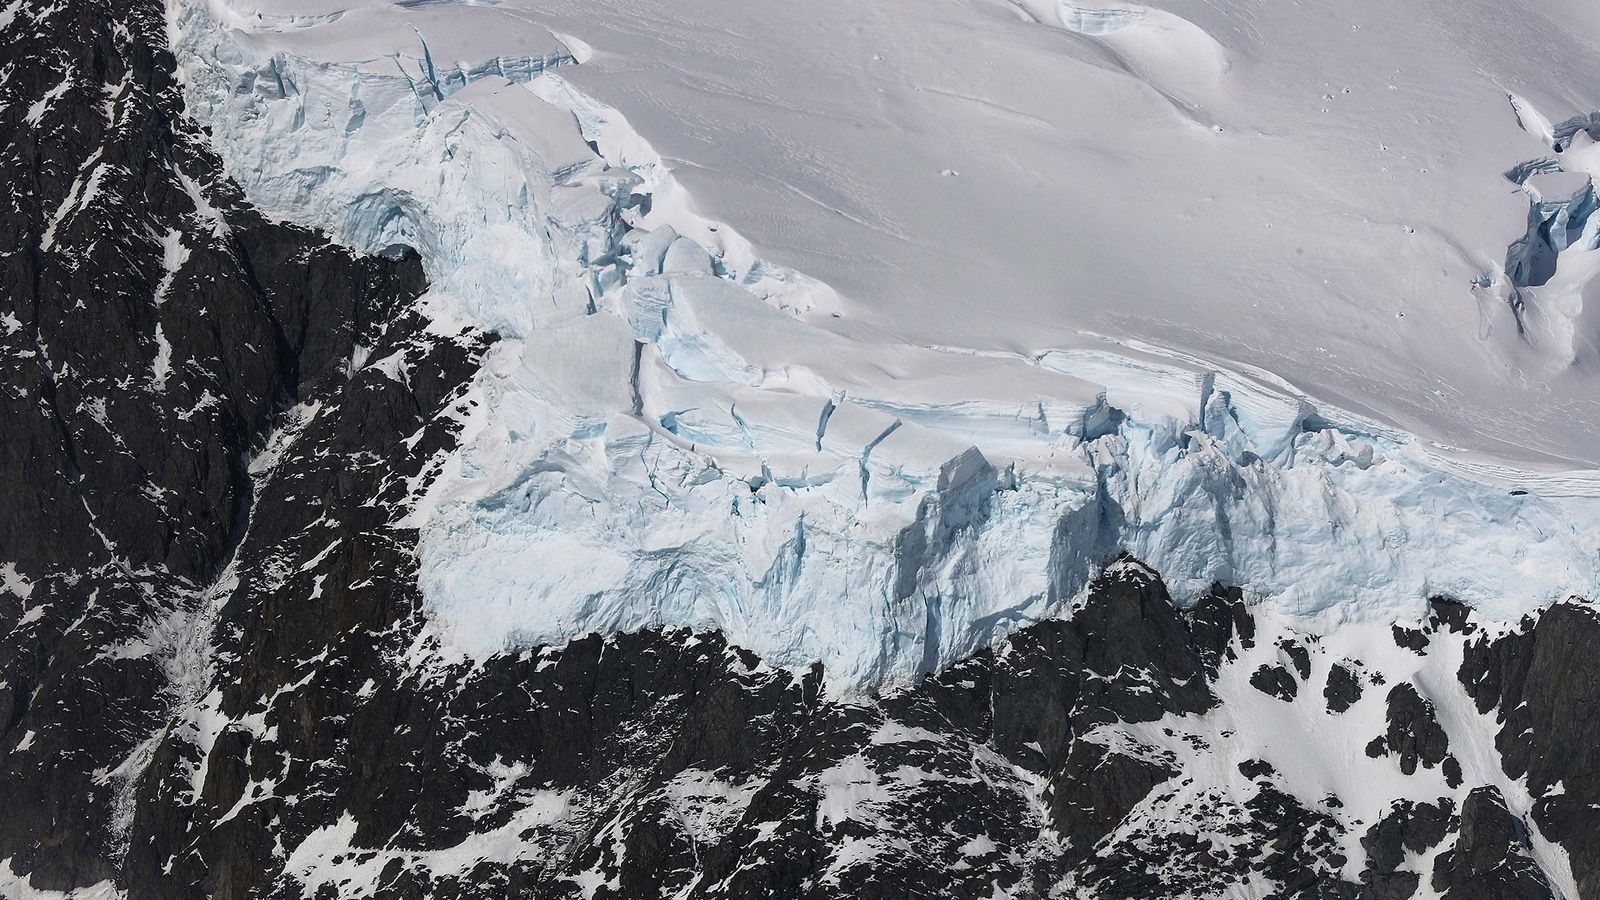 La glace rencontre la roche dans la péninsule antarctique, sur une photo prise dans le cadre ...